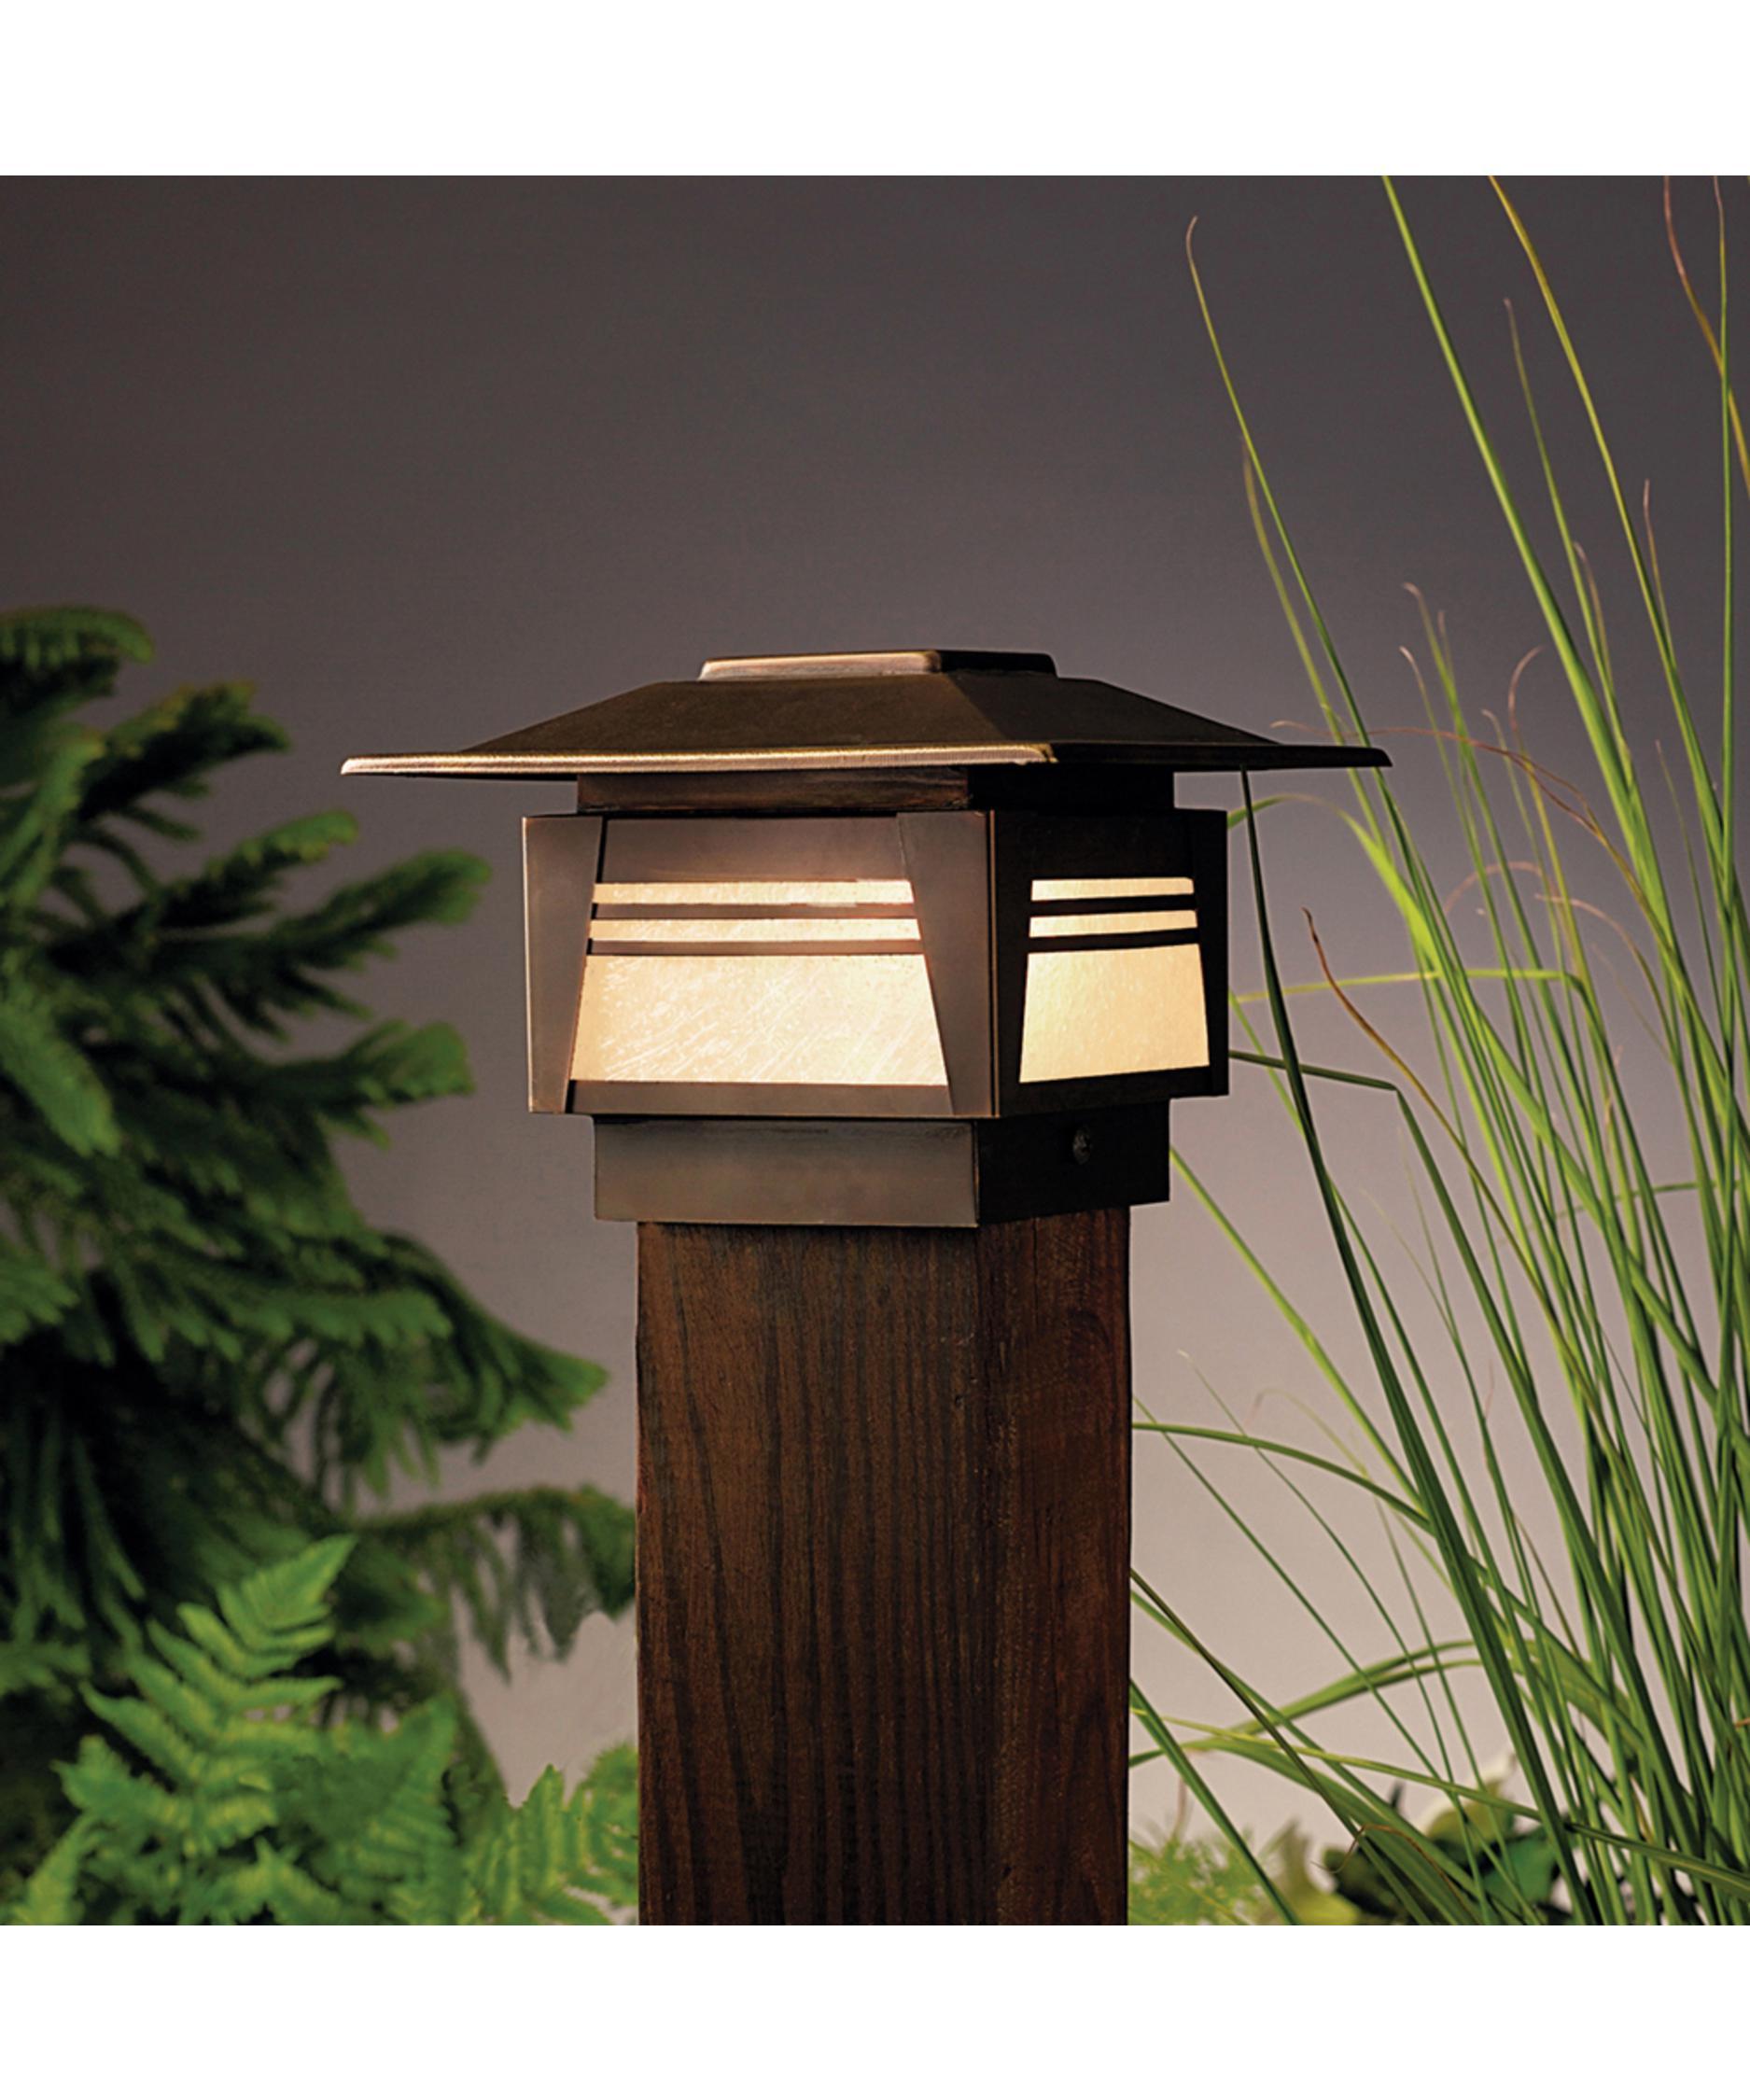 Outdoor lamp post ideas - Kichler 15071 Zen Garden 1 Light Outdoor Pier Lamp Capitol